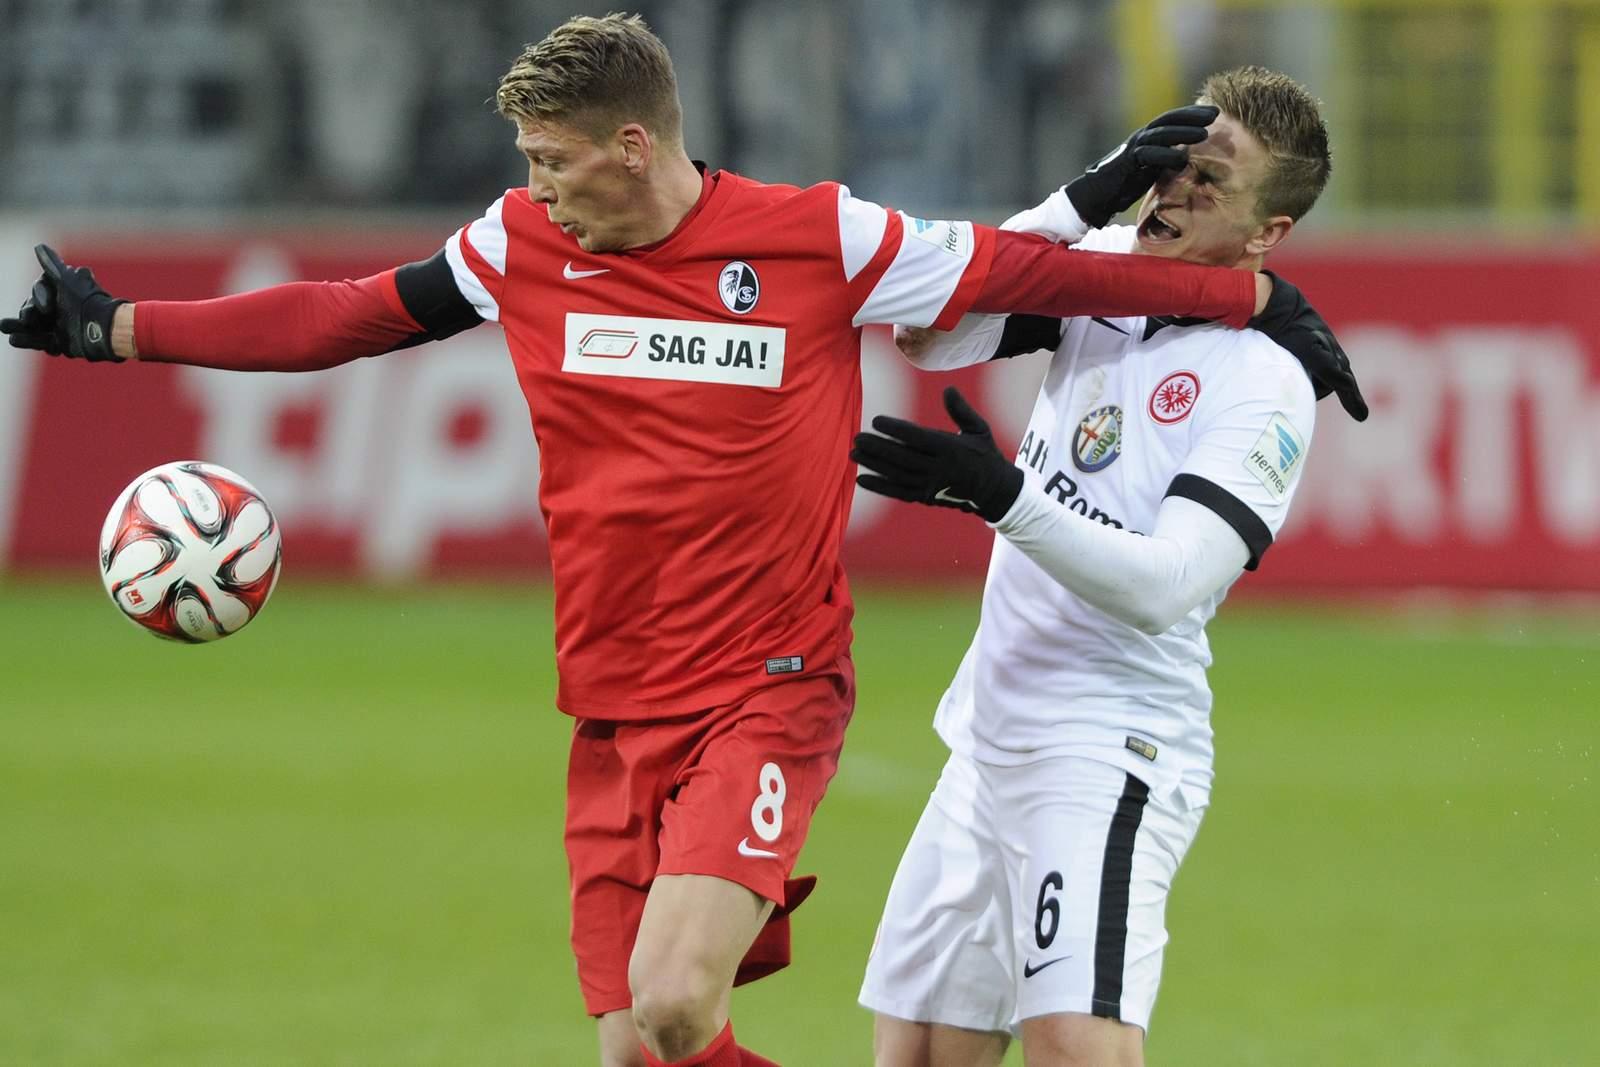 Kết quả hình ảnh cho Freiburg vs Eintracht Frankfurt preview